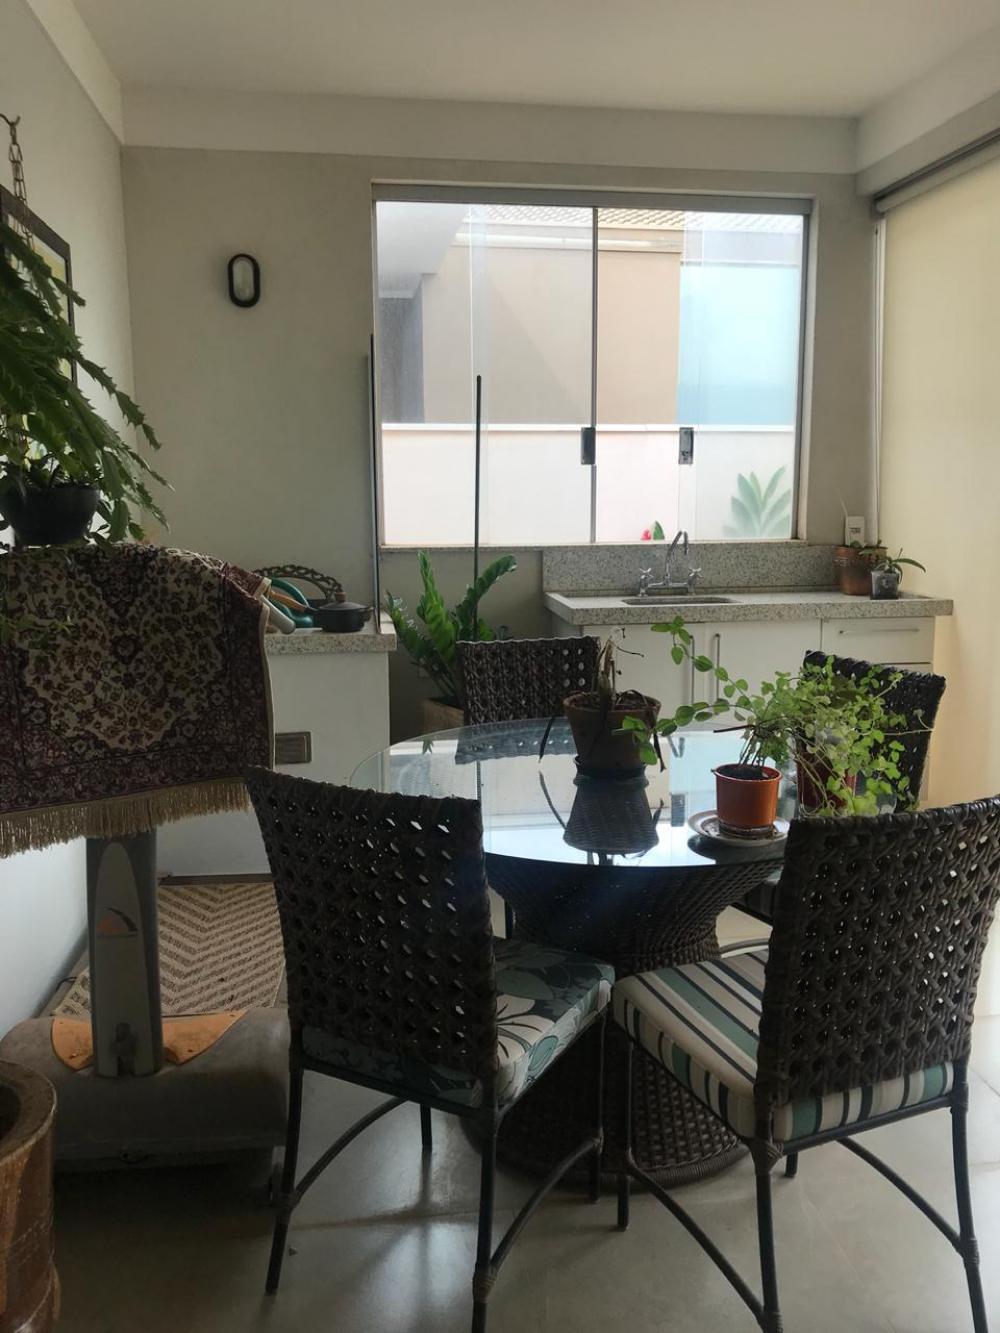 Comprar Casa / Condomínio em São José do Rio Preto apenas R$ 1.370.000,00 - Foto 12